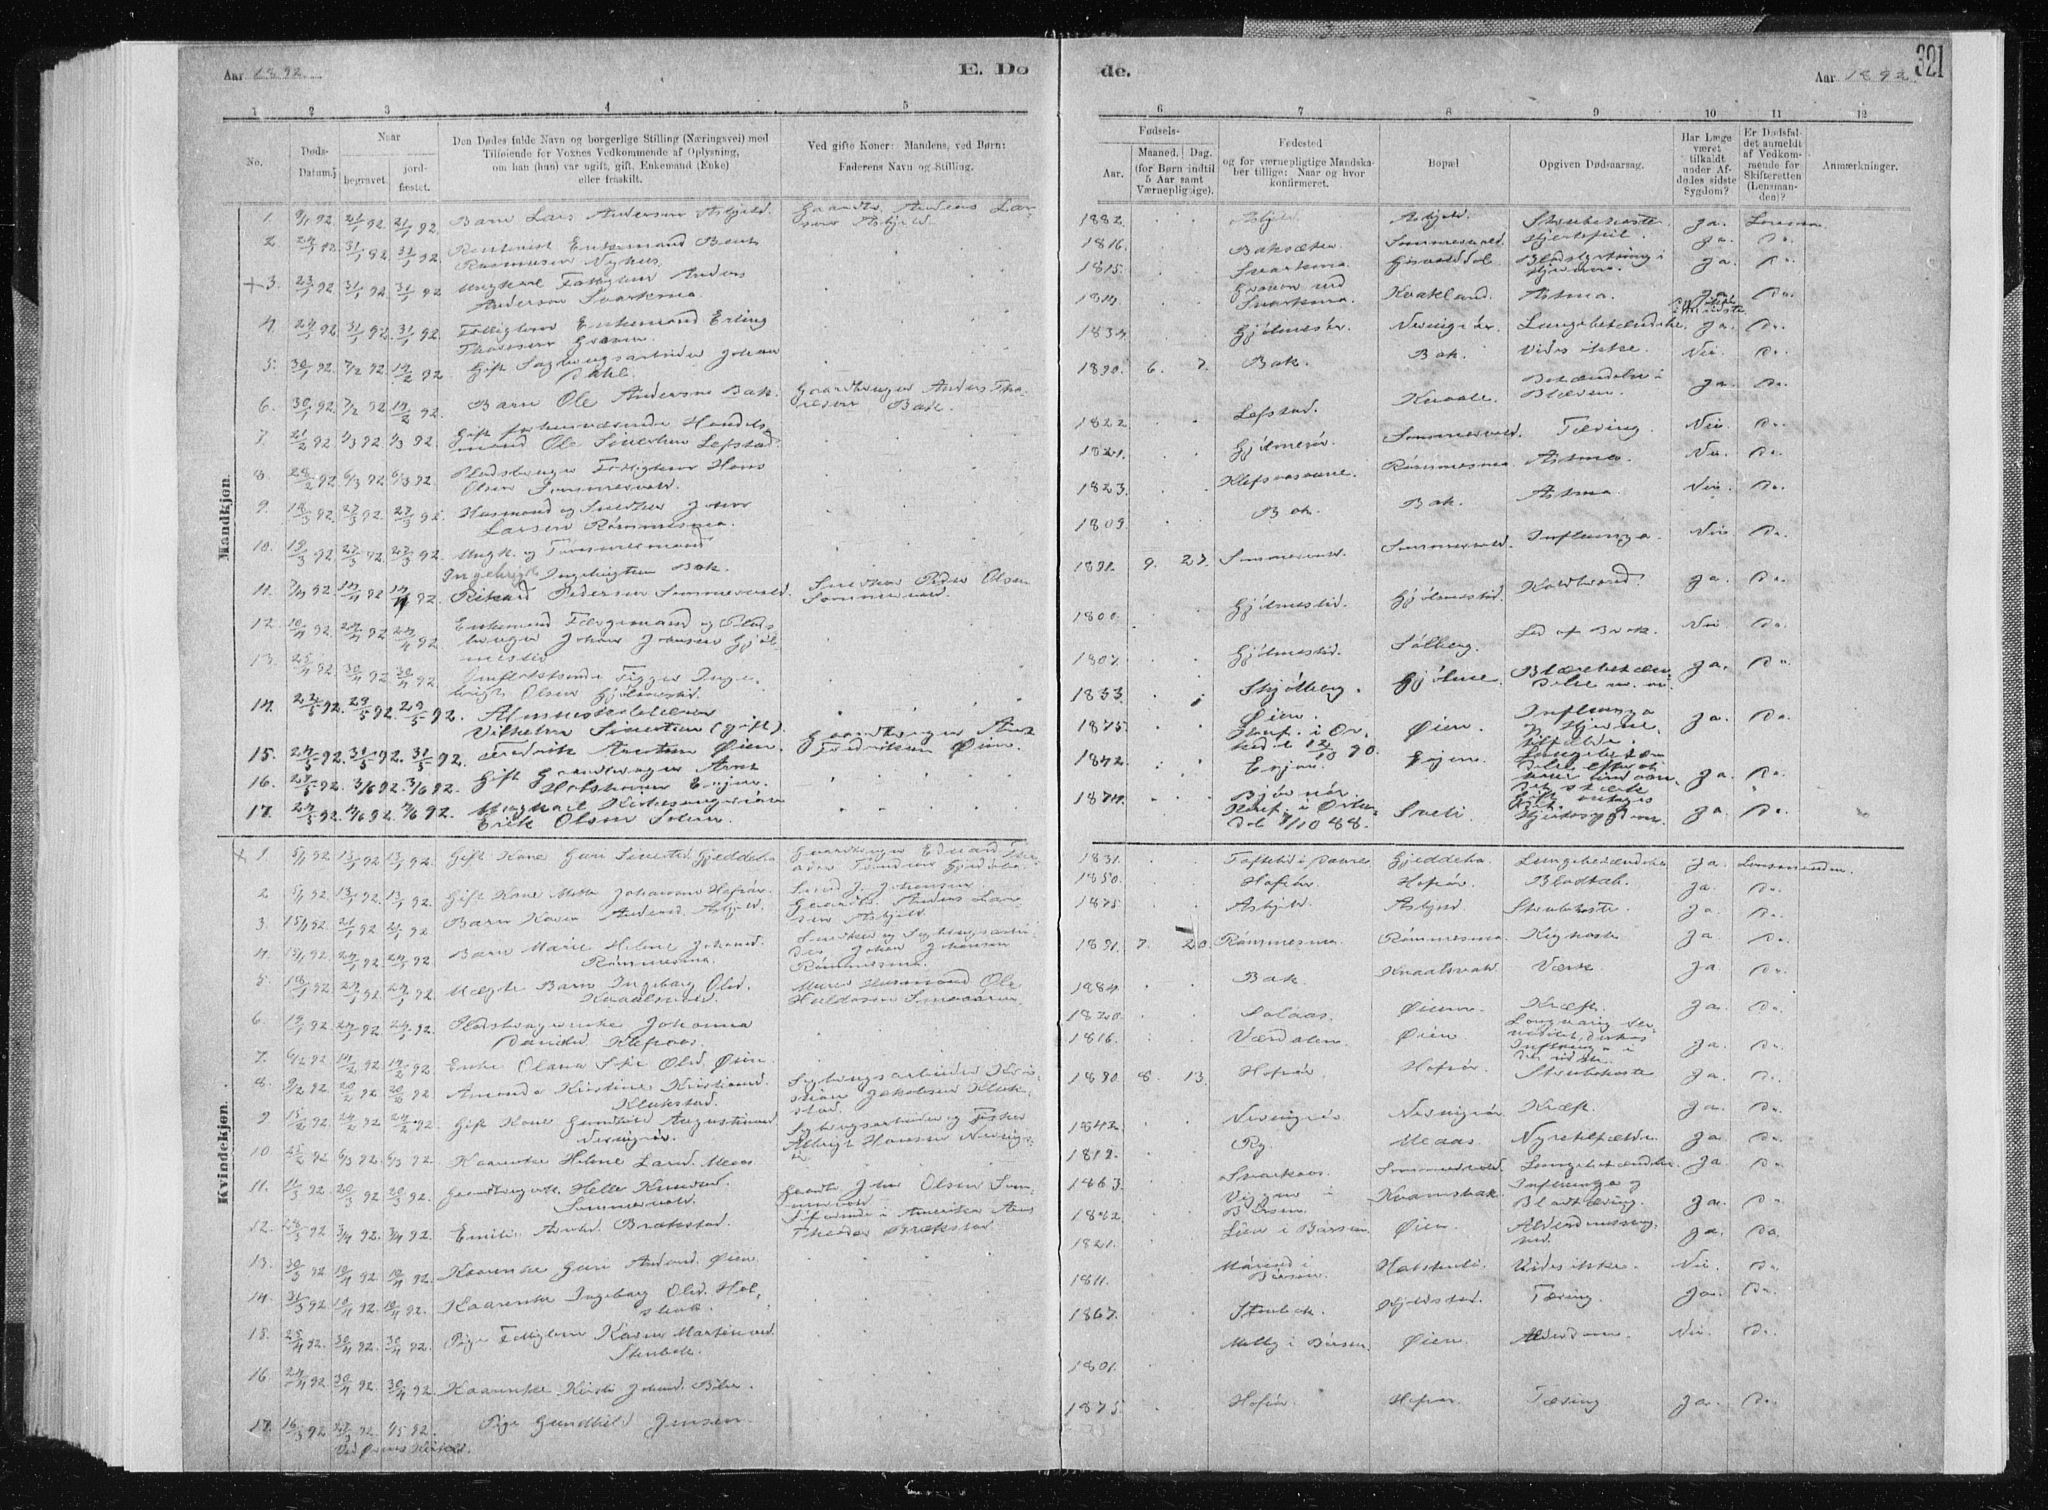 SAT, Ministerialprotokoller, klokkerbøker og fødselsregistre - Sør-Trøndelag, 668/L0818: Klokkerbok nr. 668C07, 1885-1898, s. 321